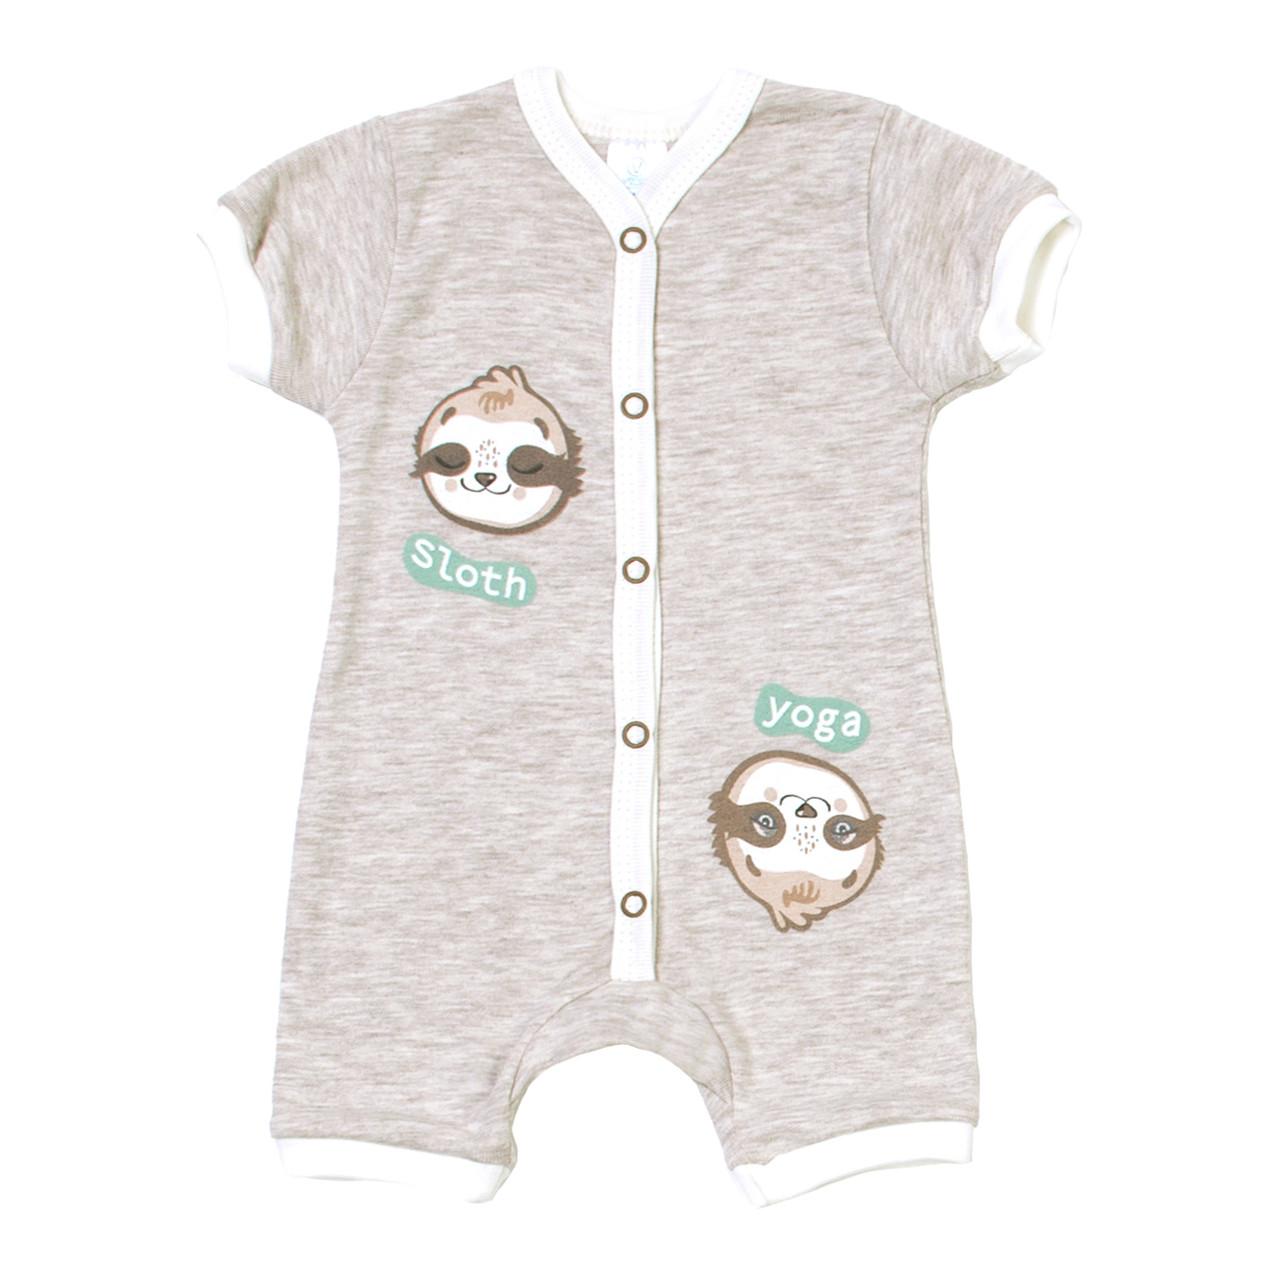 Песочник детский Baby Veres Sloth yoga молочный рибана